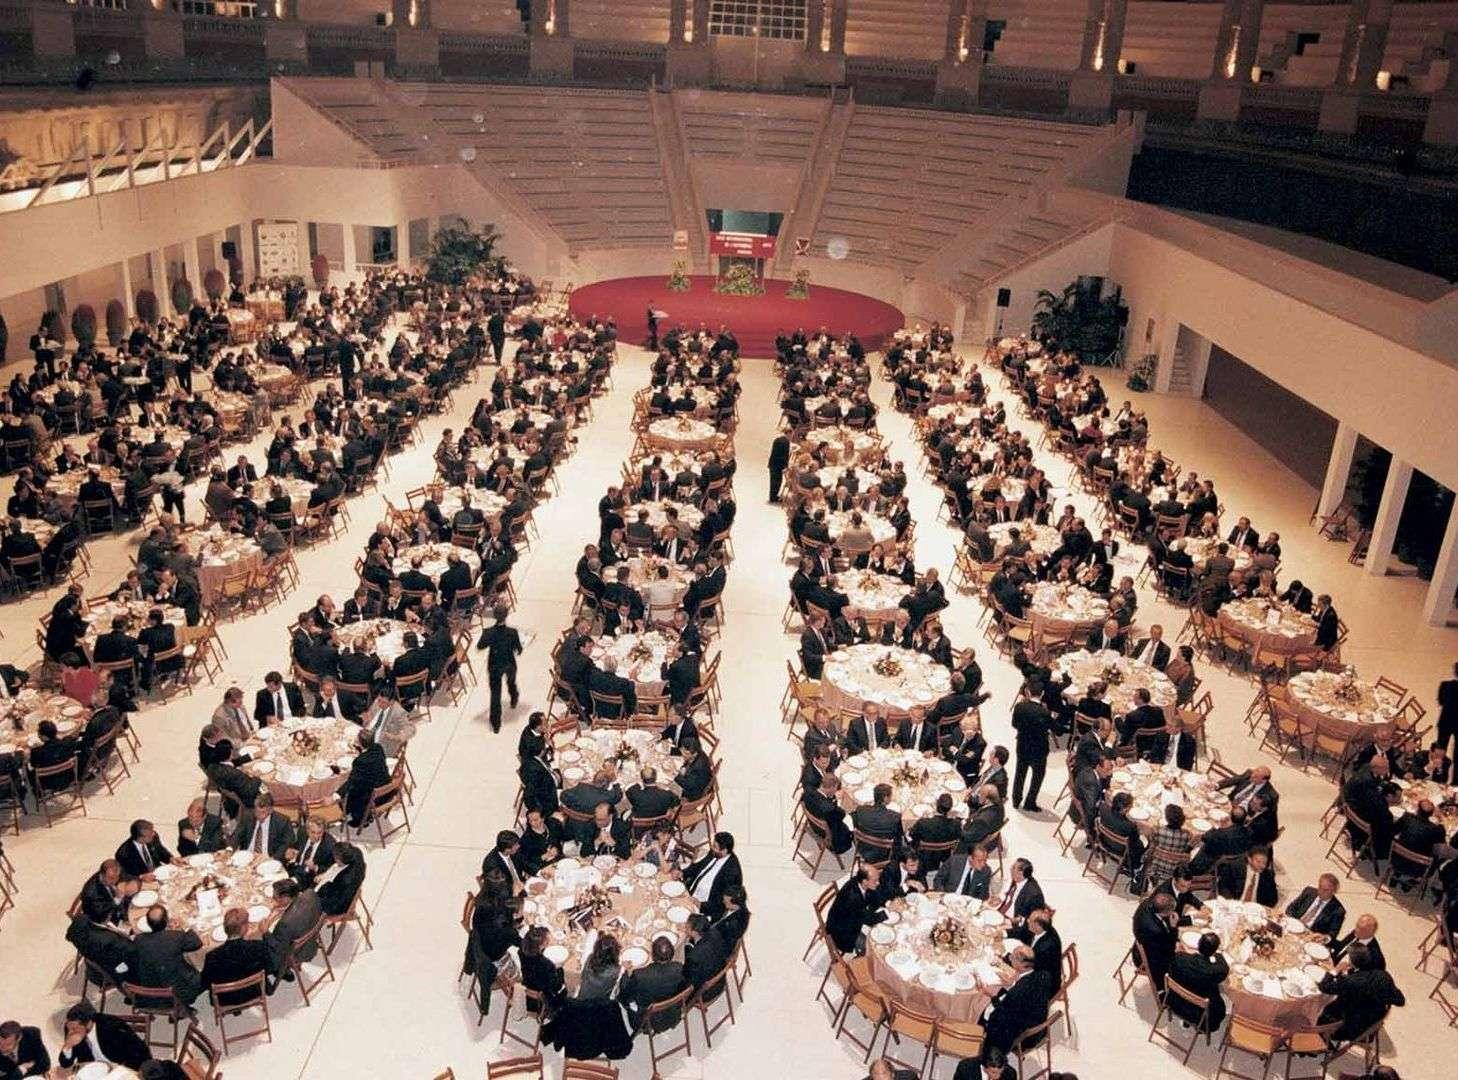 Celebración del 75 aniversario del Salón de Barcelona (1994)